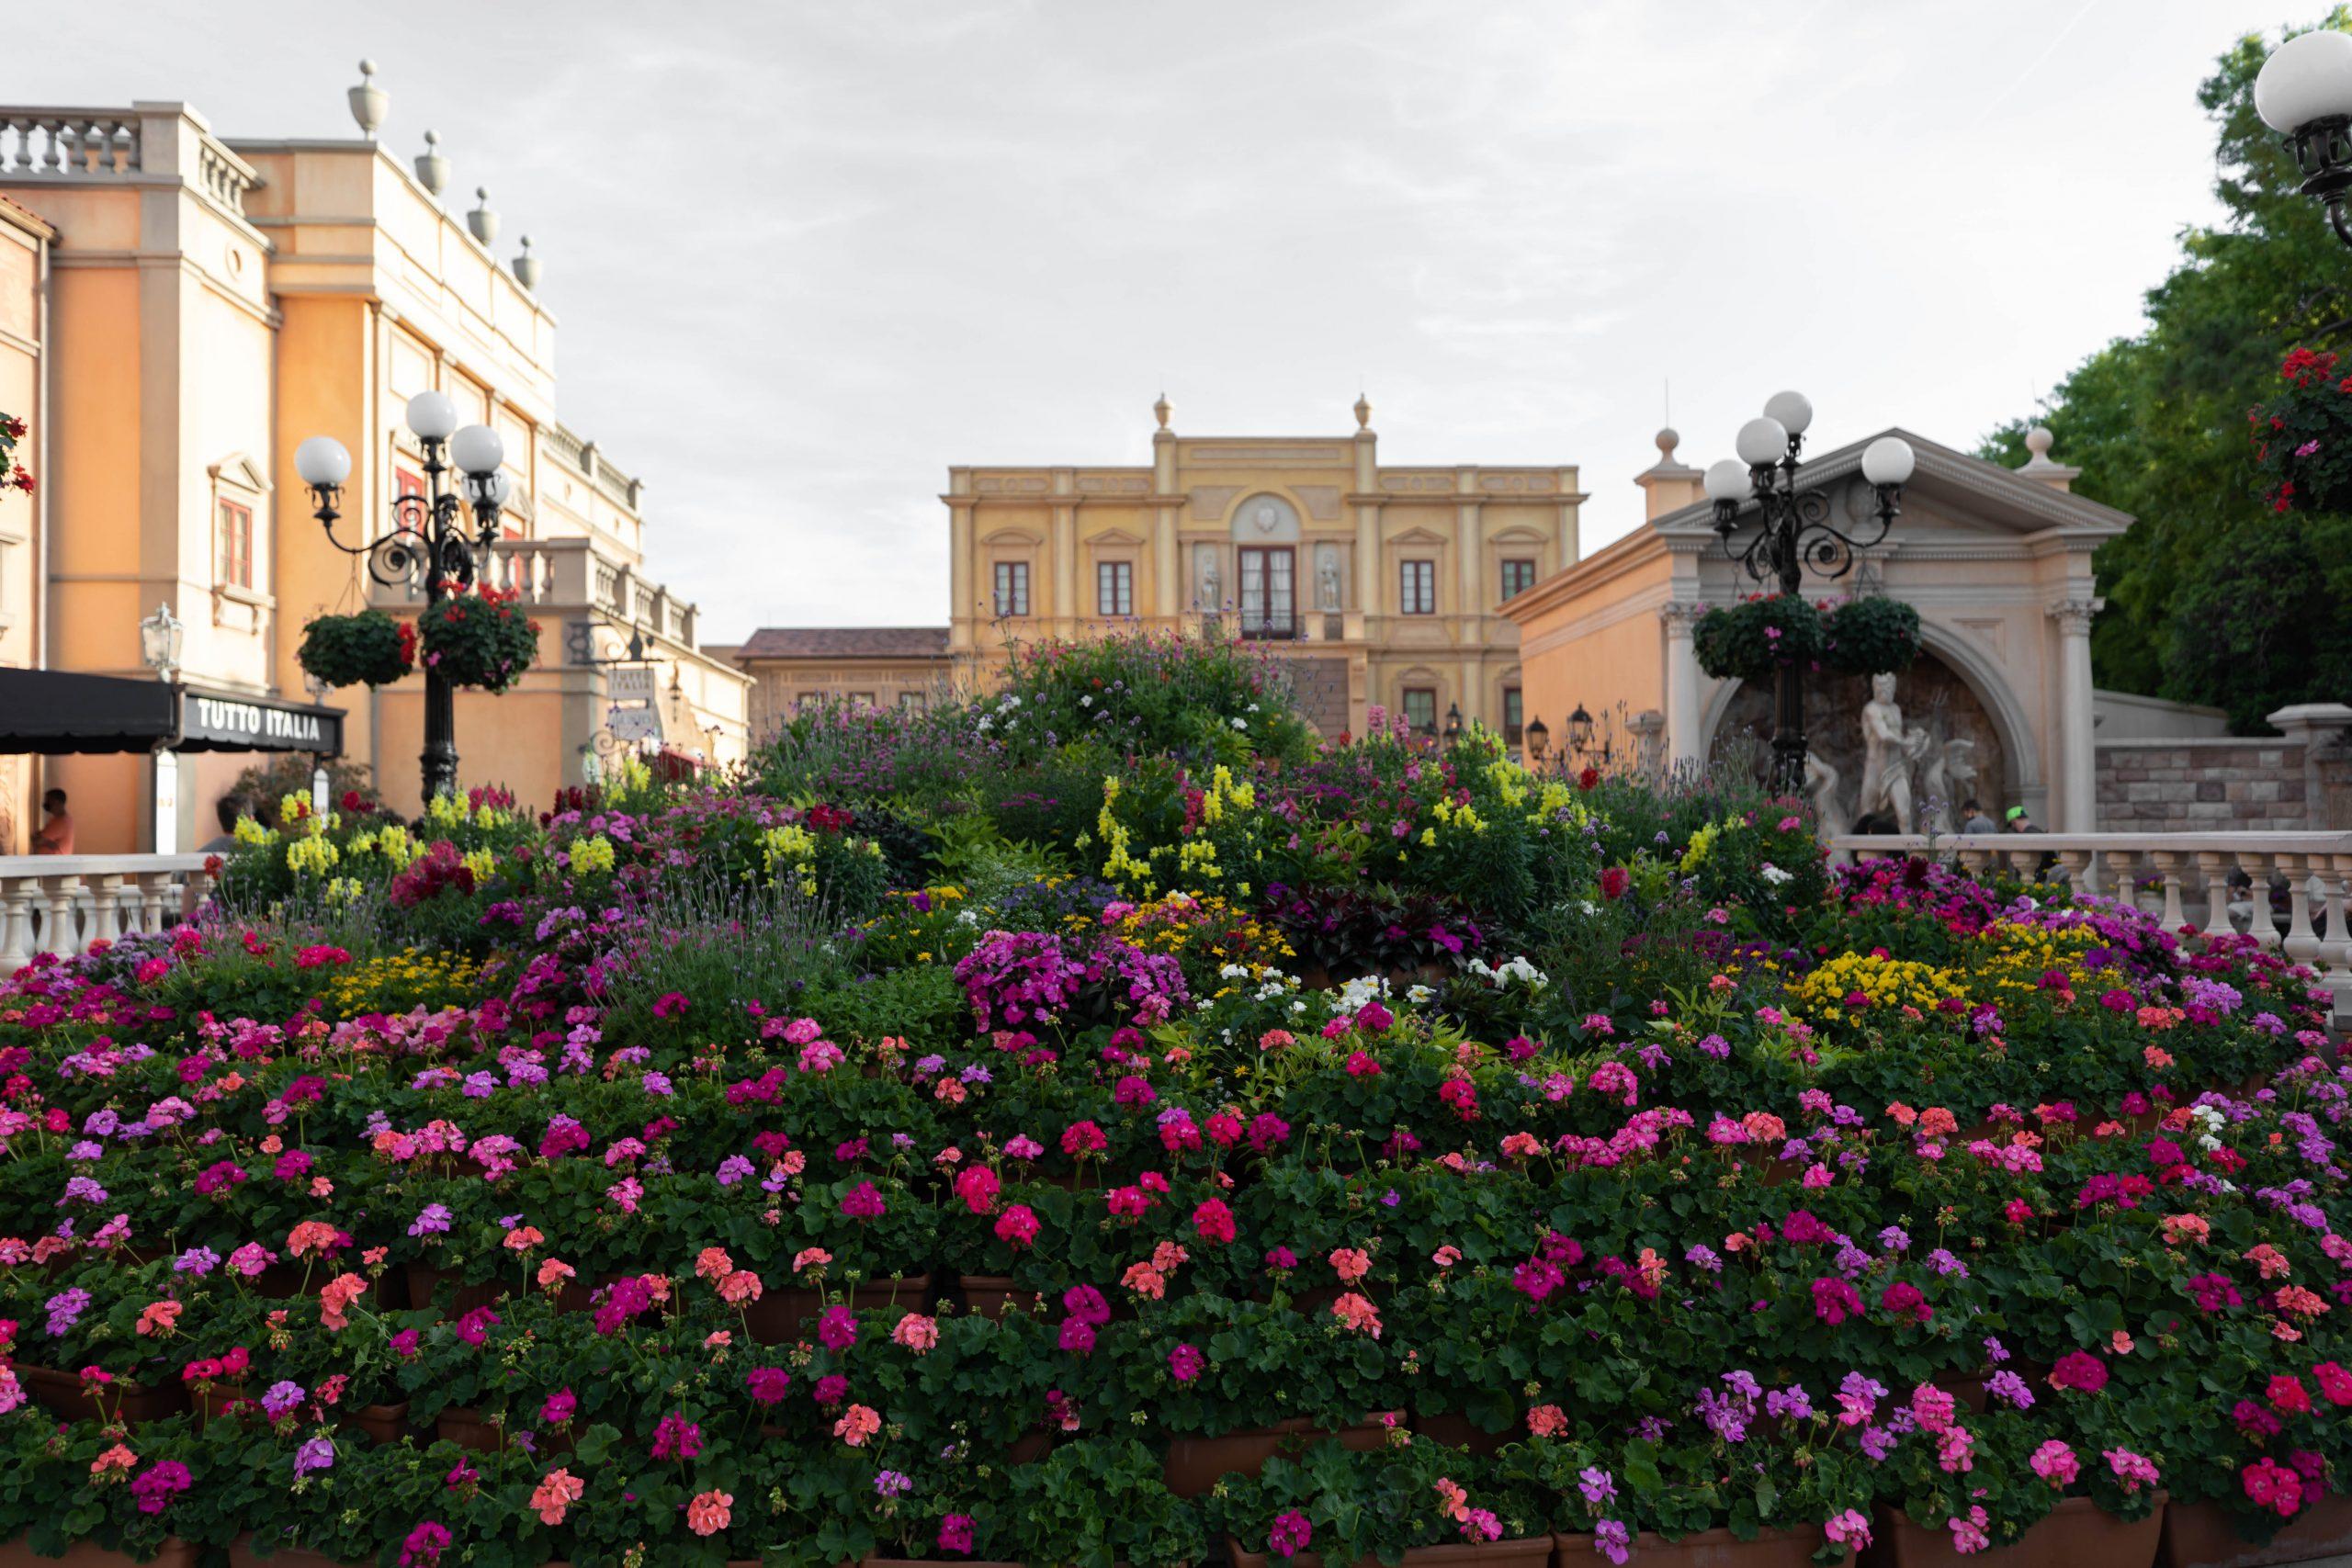 Italy Inside Epcot World Showcase Epcot International Flower & Garden Festival by Annie Fairfax